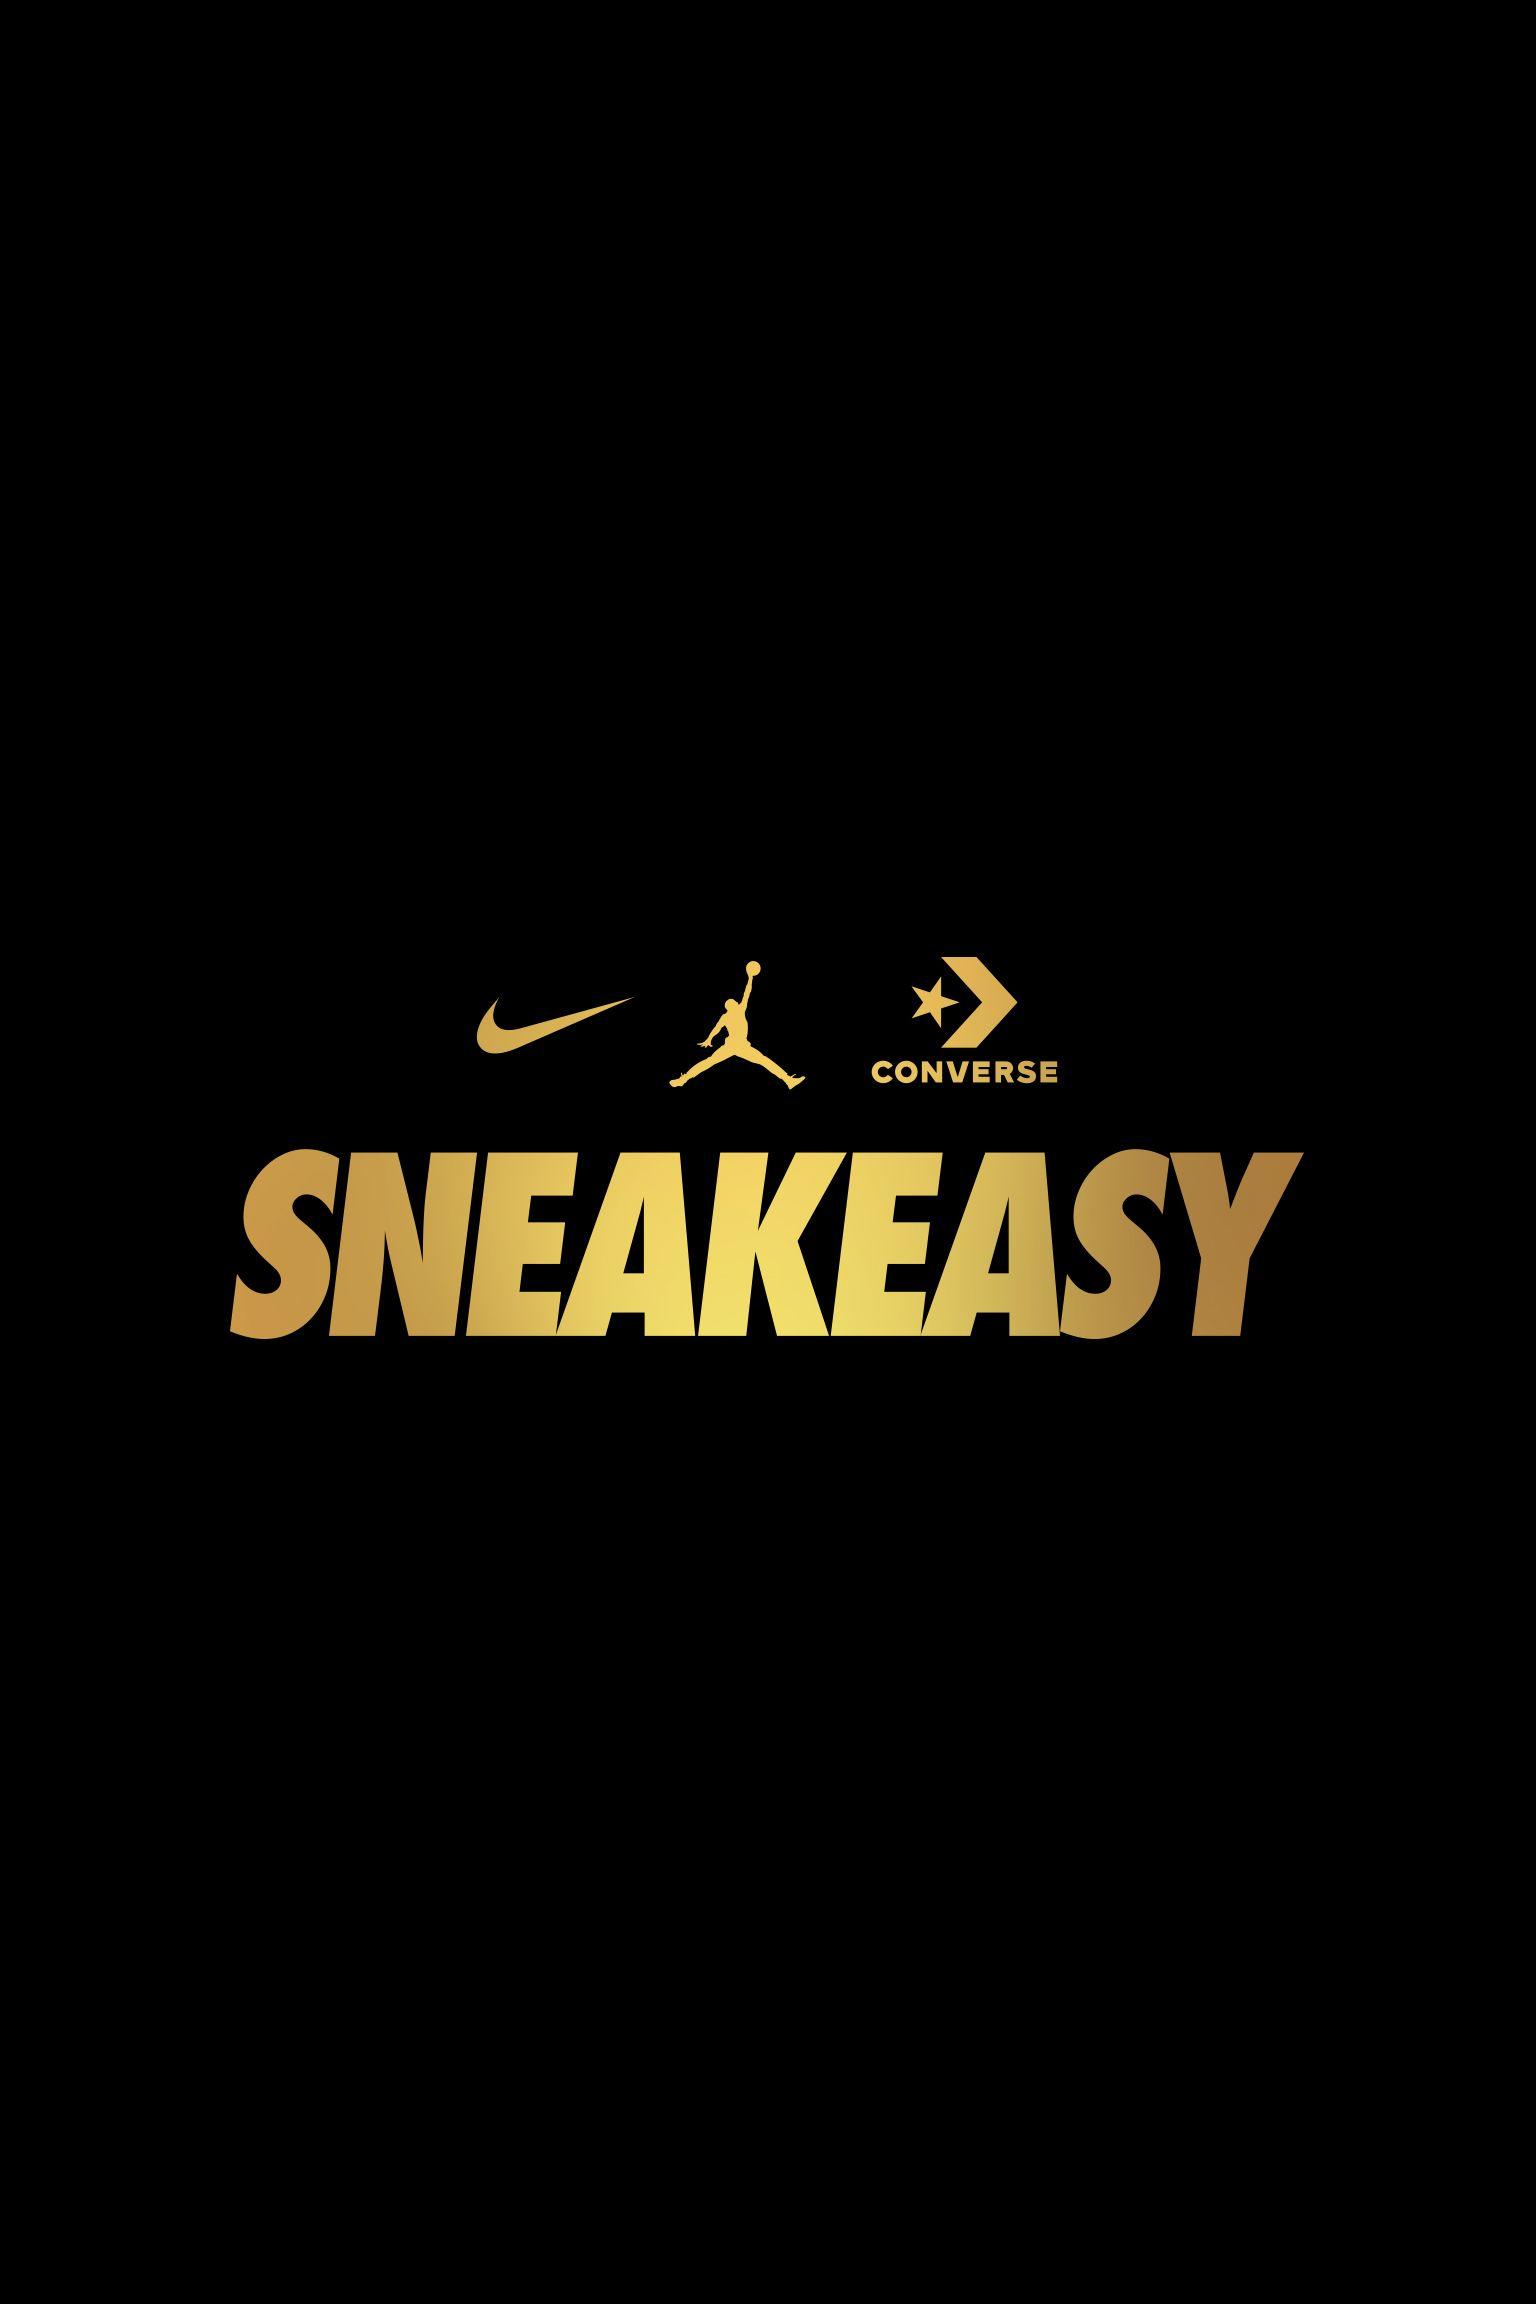 Nike Sneakeasy